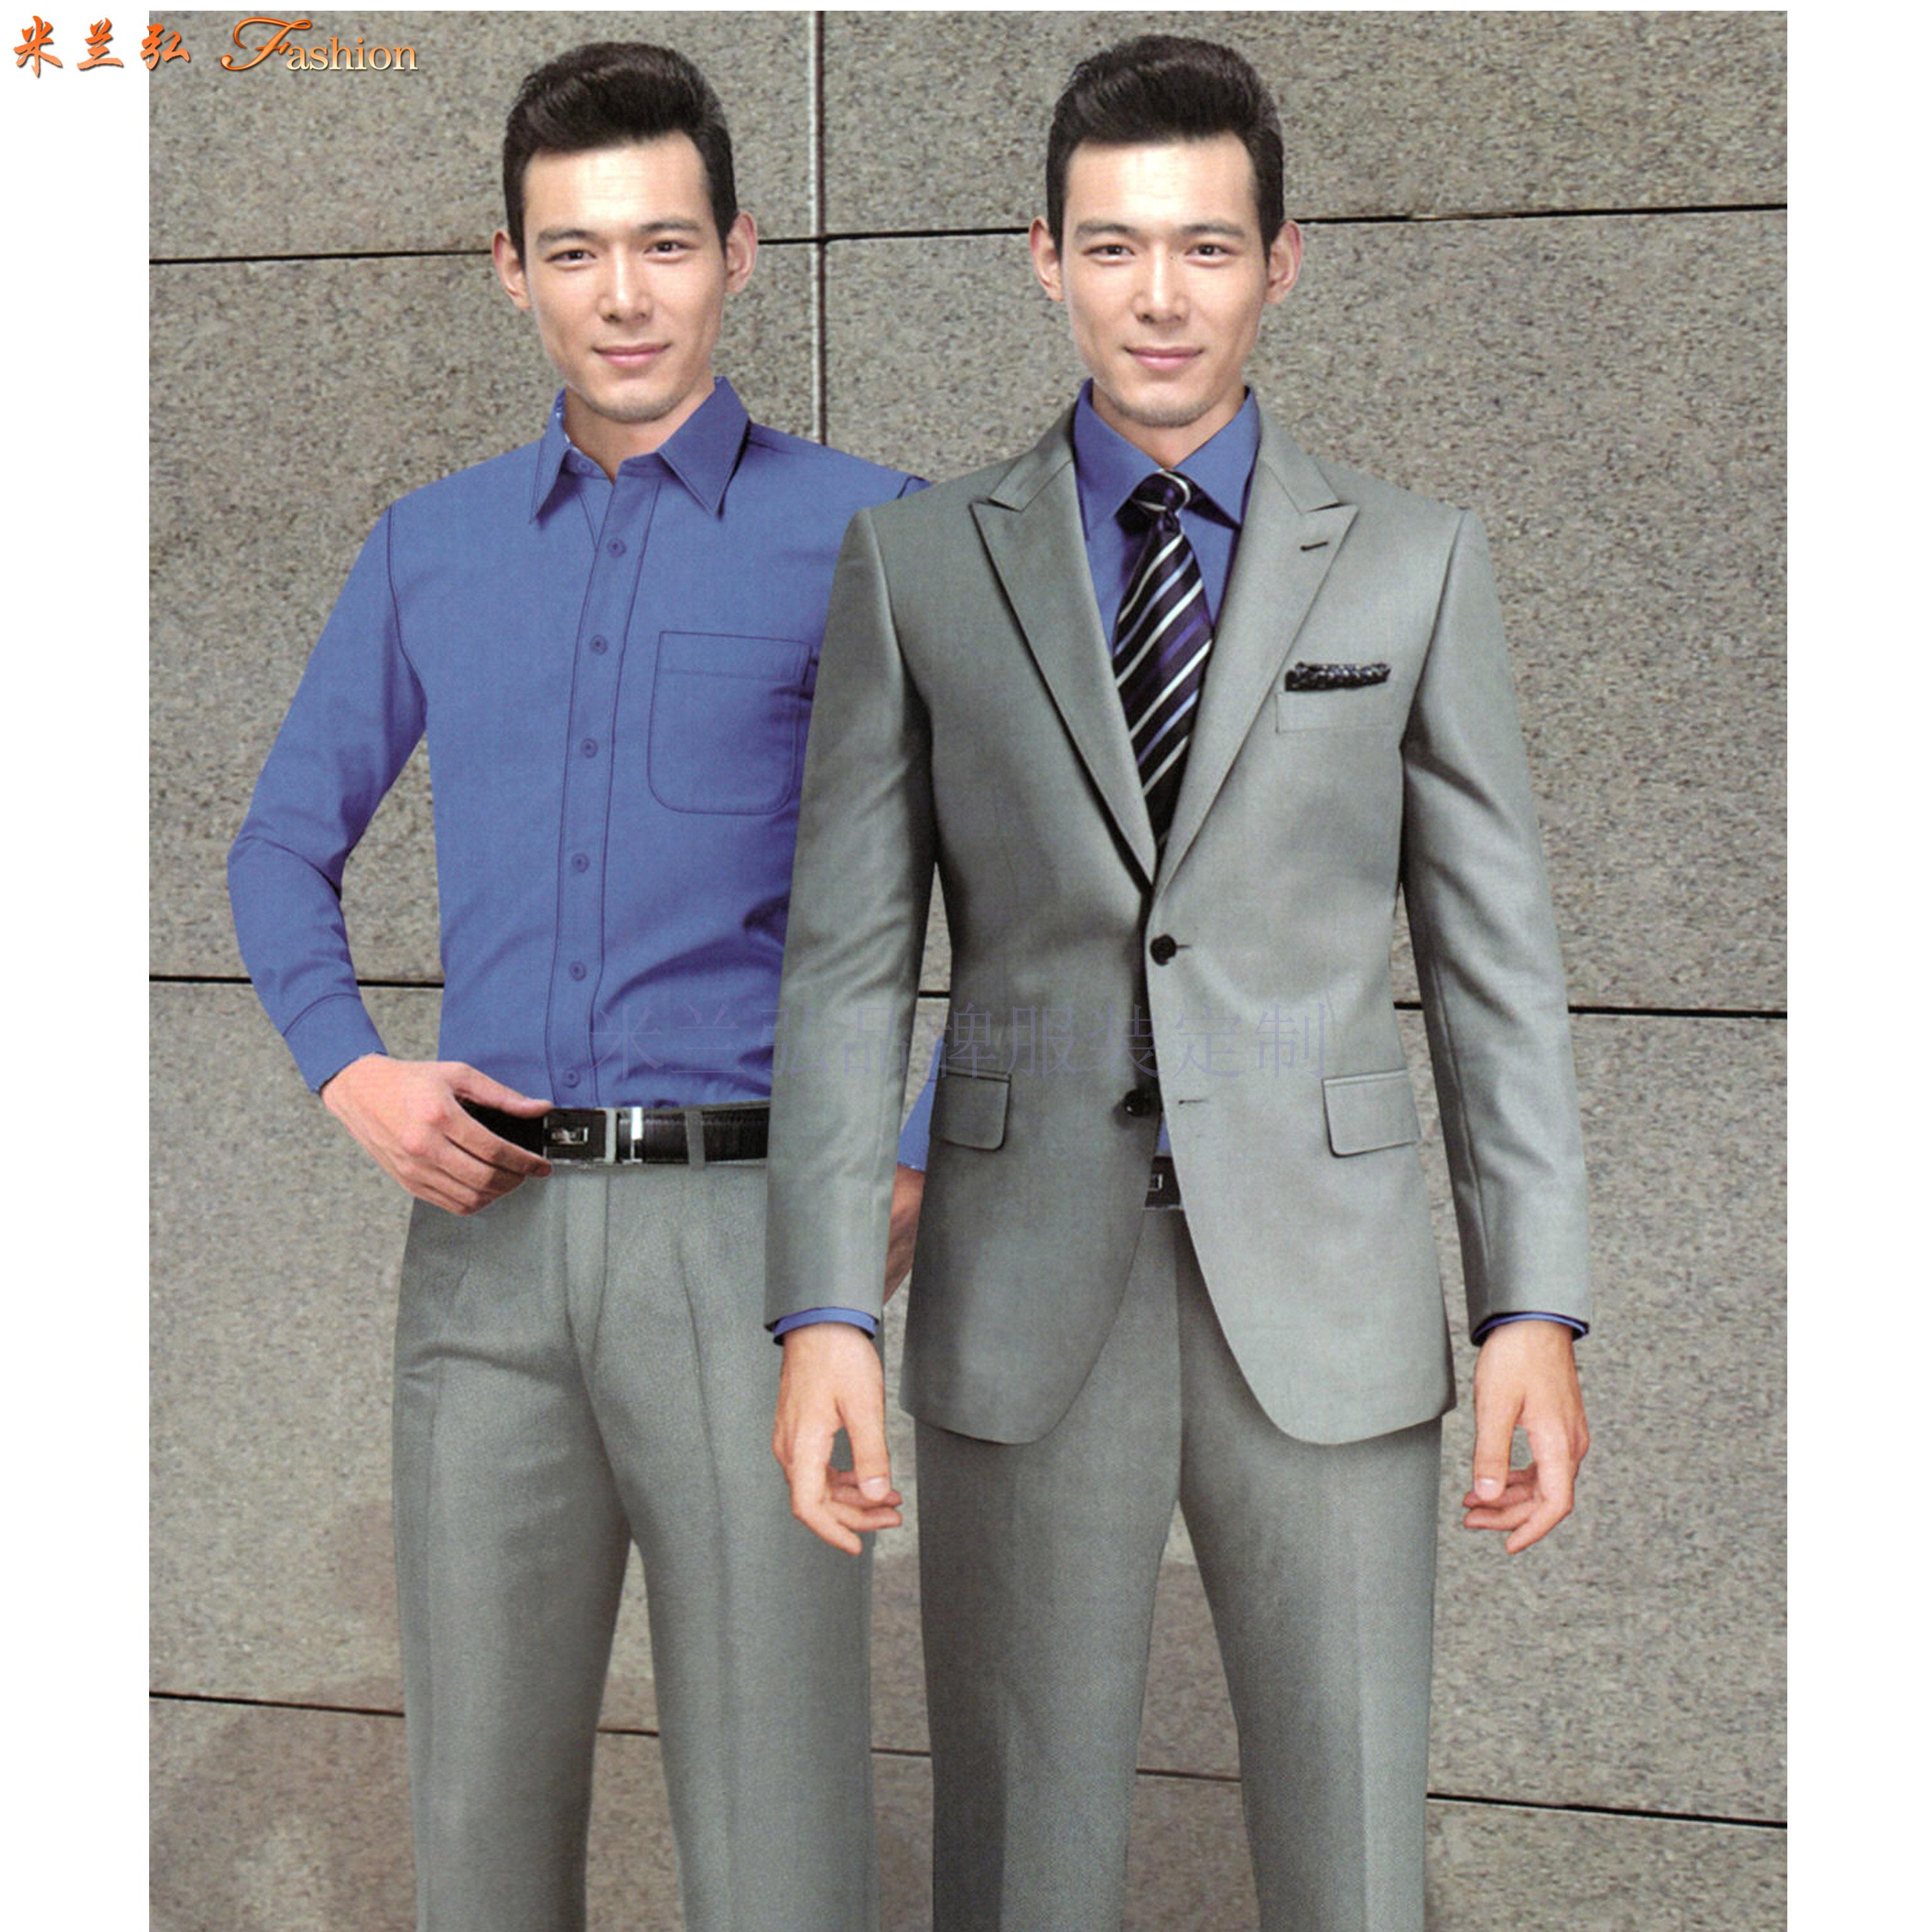 「北京正裝定制」「北京正裝訂做」推薦西裝革履米蘭弘品牌服裝-5